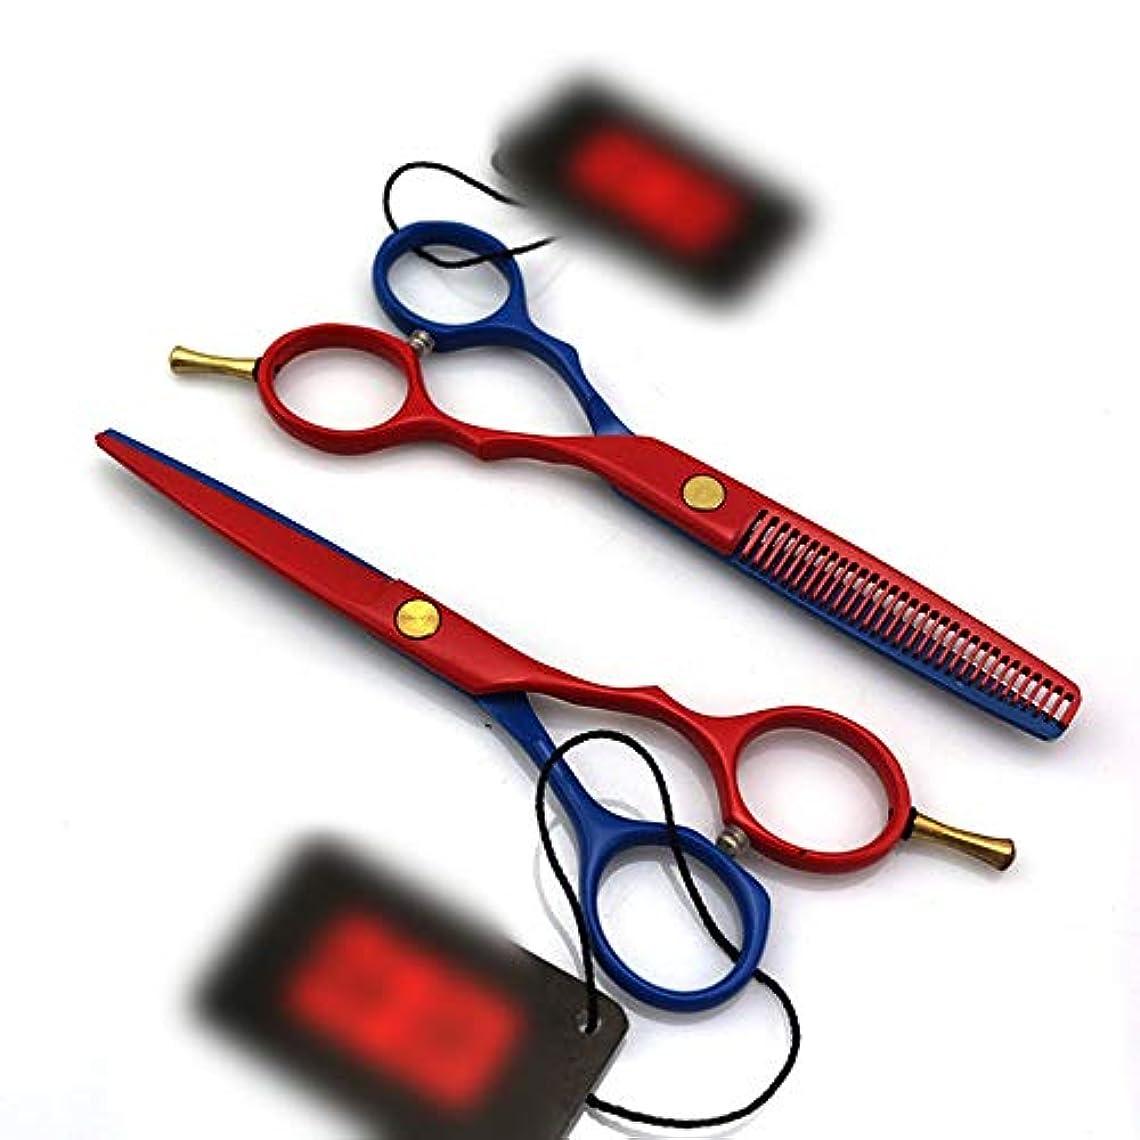 視聴者租界初心者カラーペイントシリーズ理髪はさみ、5.5インチフラット+歯はさみセット ヘアケア (色 : Red and blue)